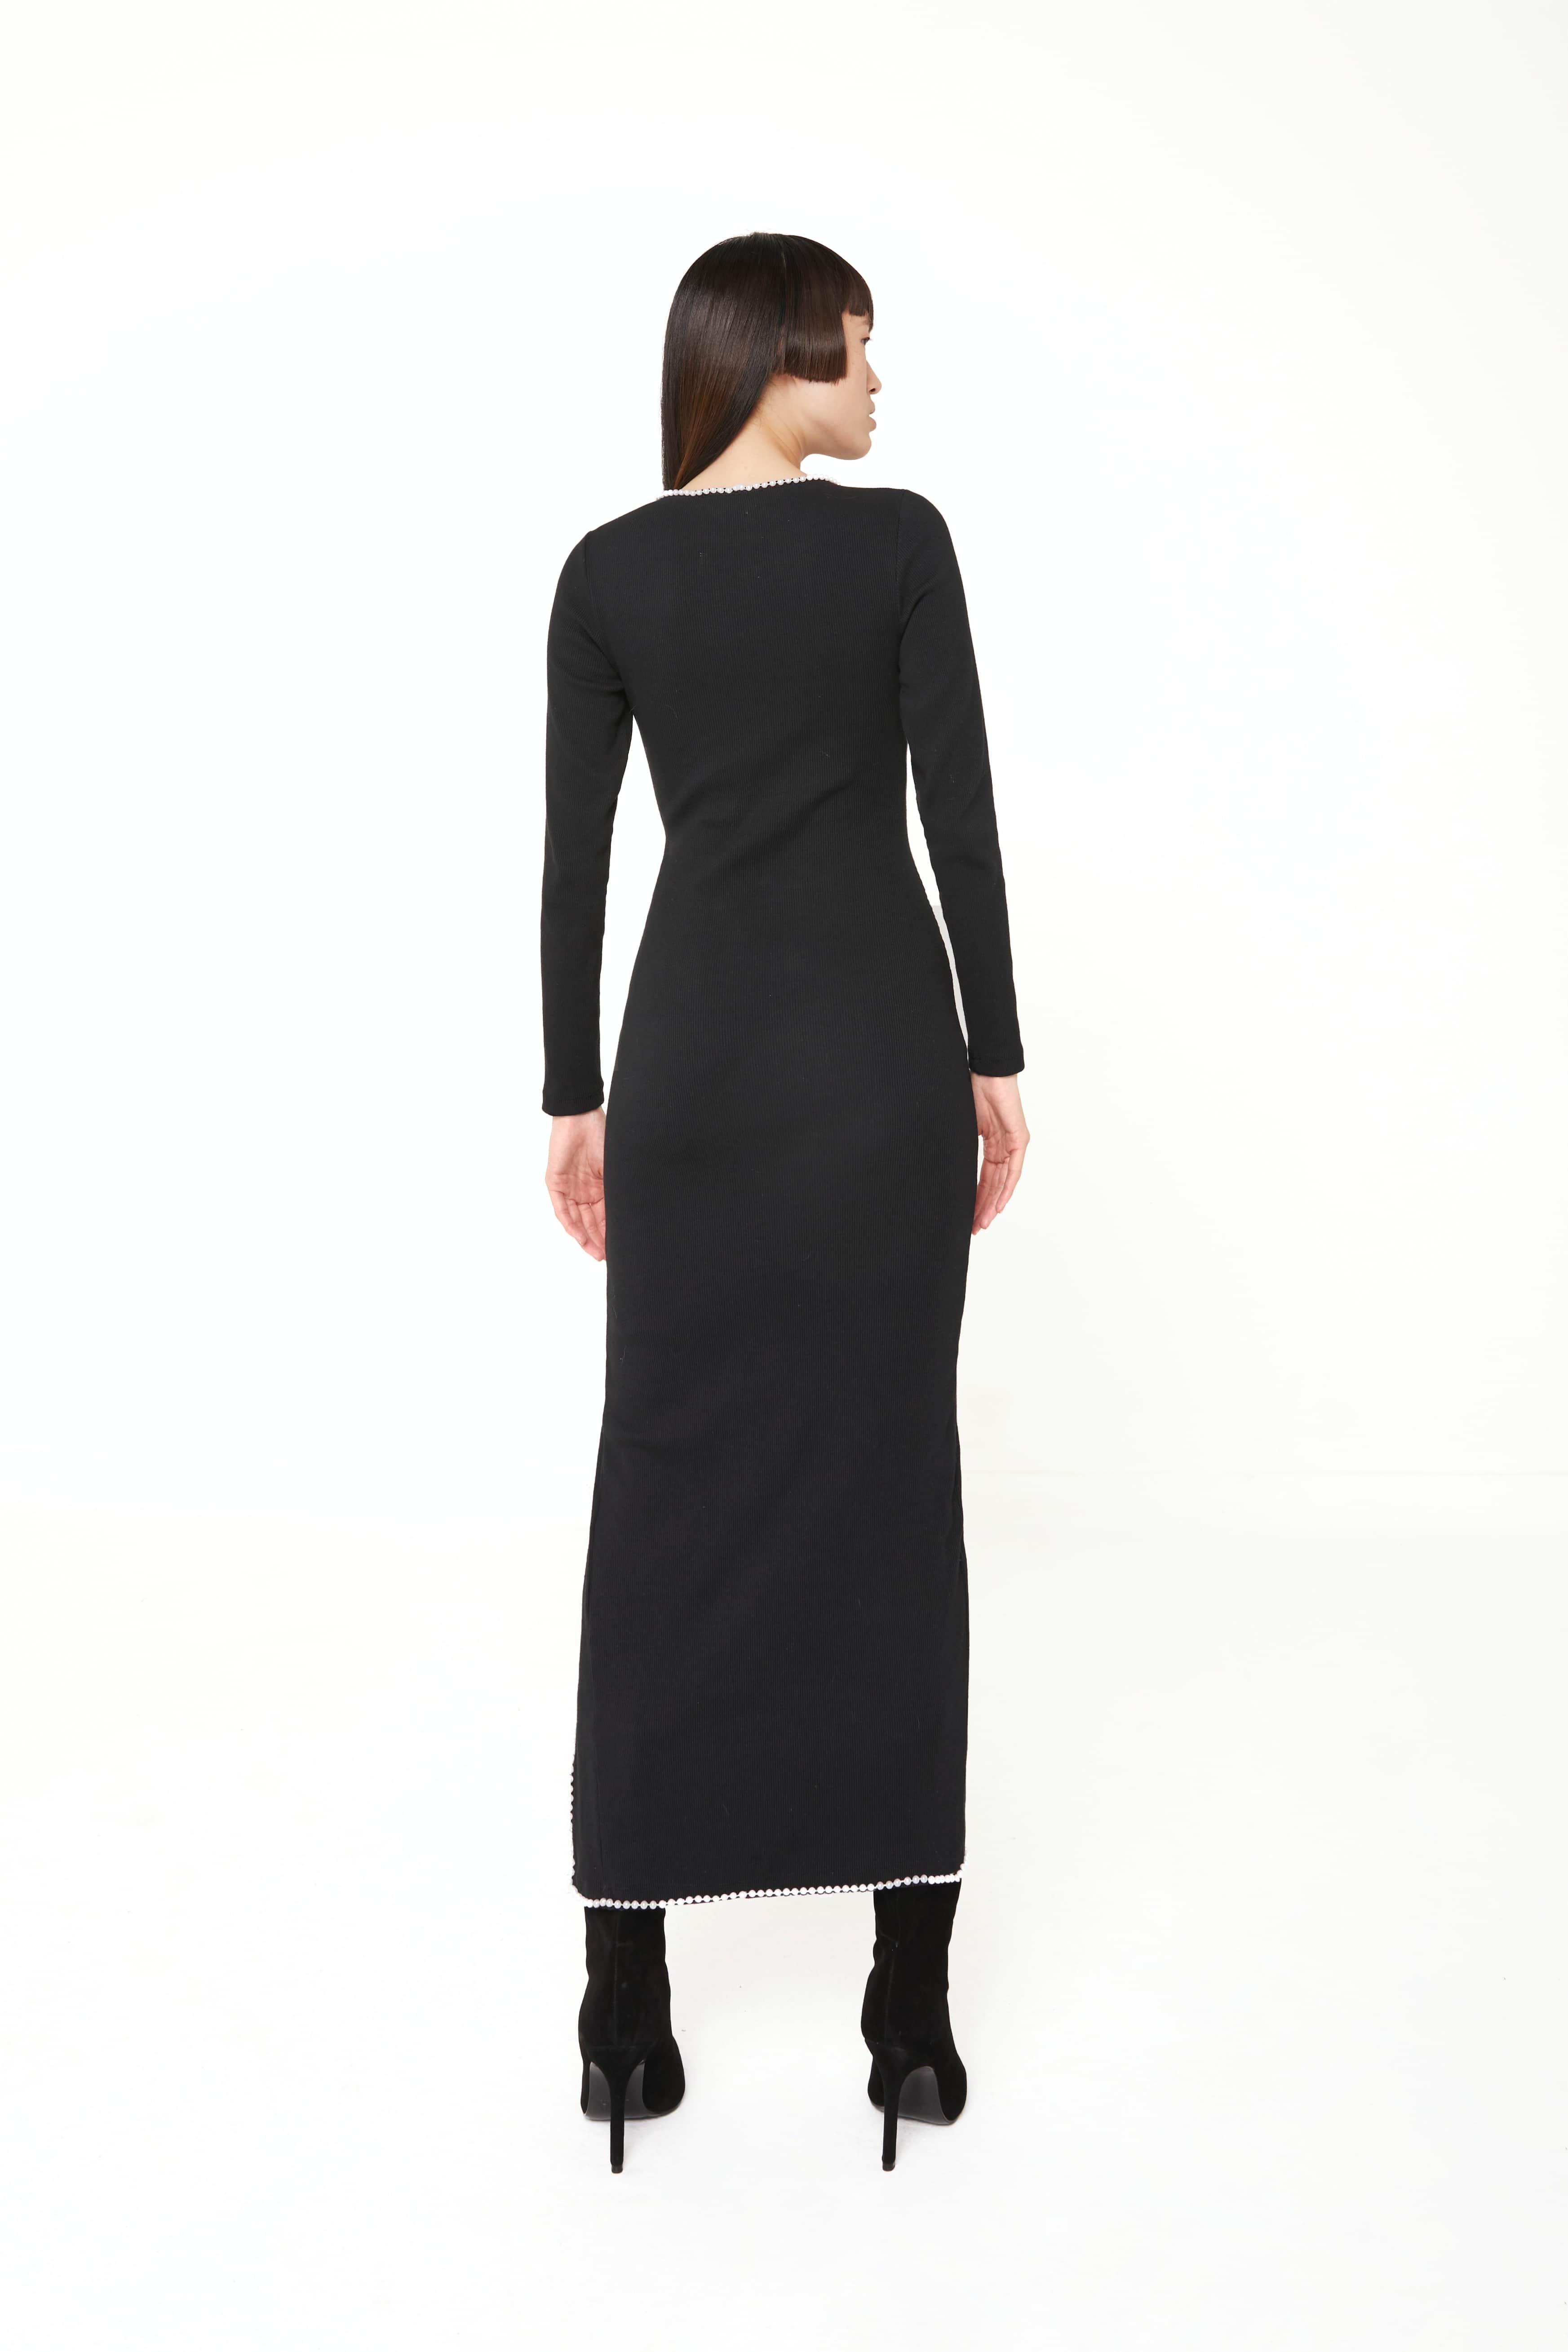 View 4 of model wearing Kmeya Maxi Dress in black.